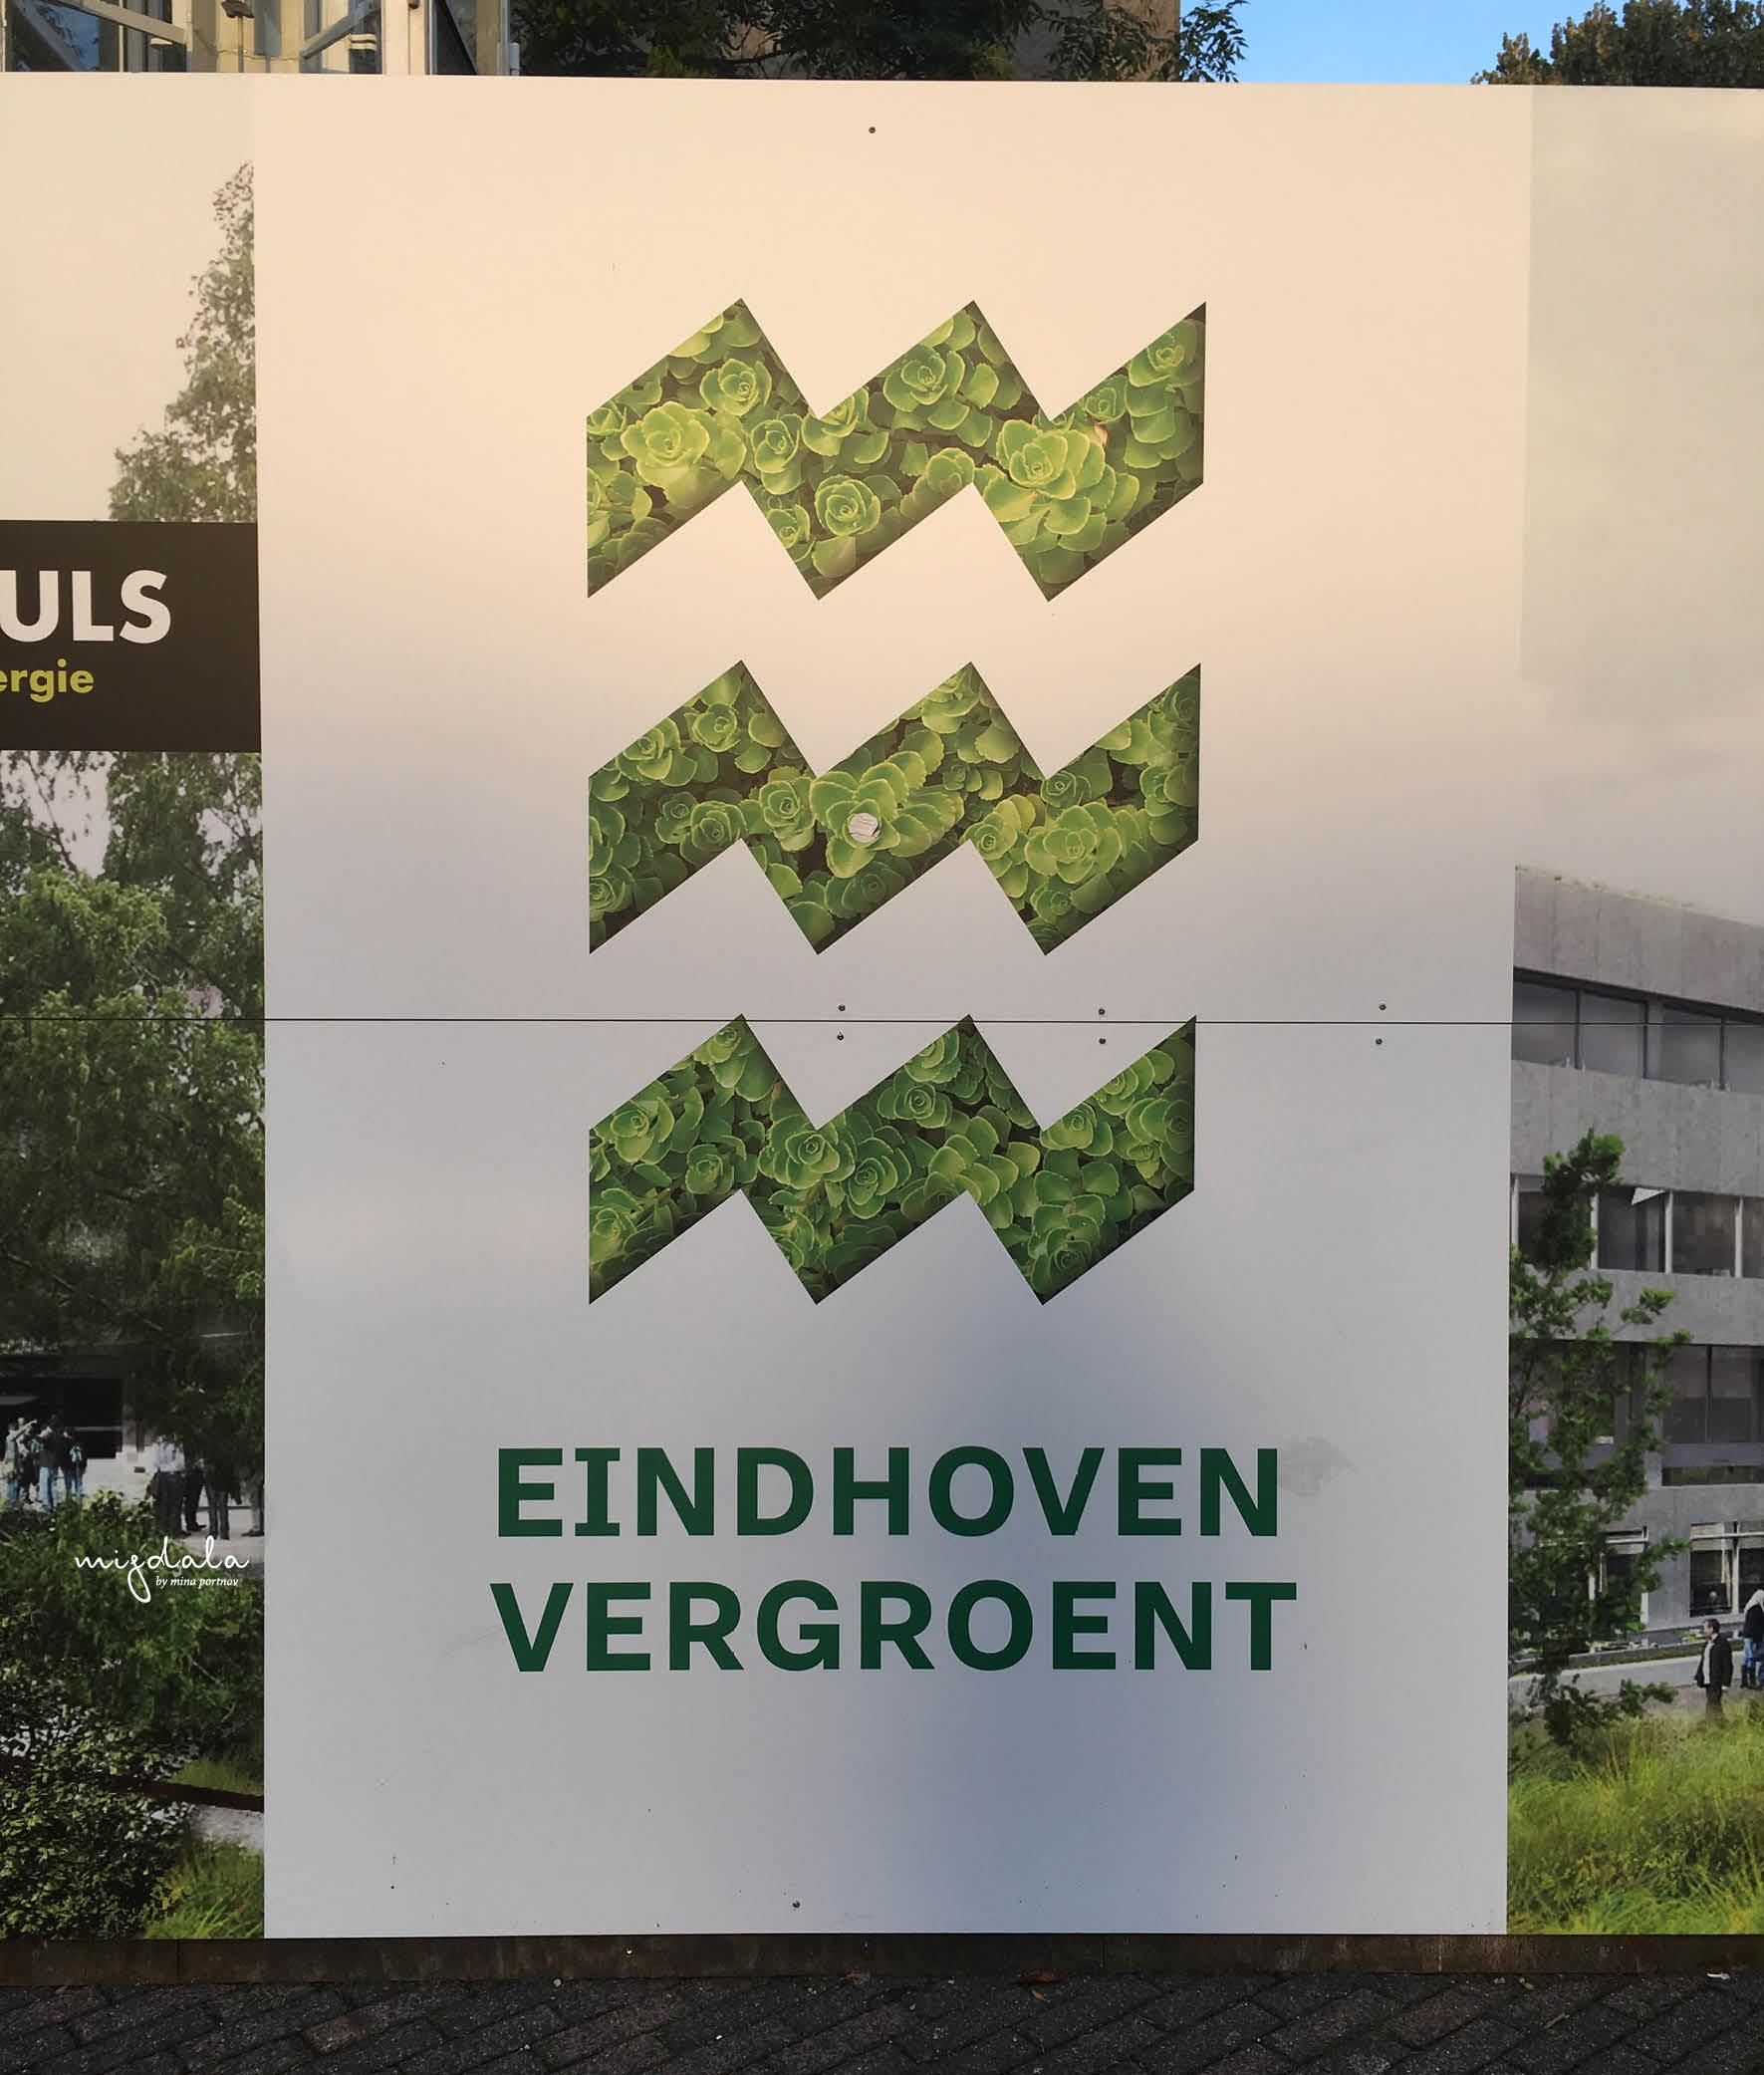 אחד היישומים של הלוגו של איינדהובן, שבוע העיצוב ההולנדי 2019